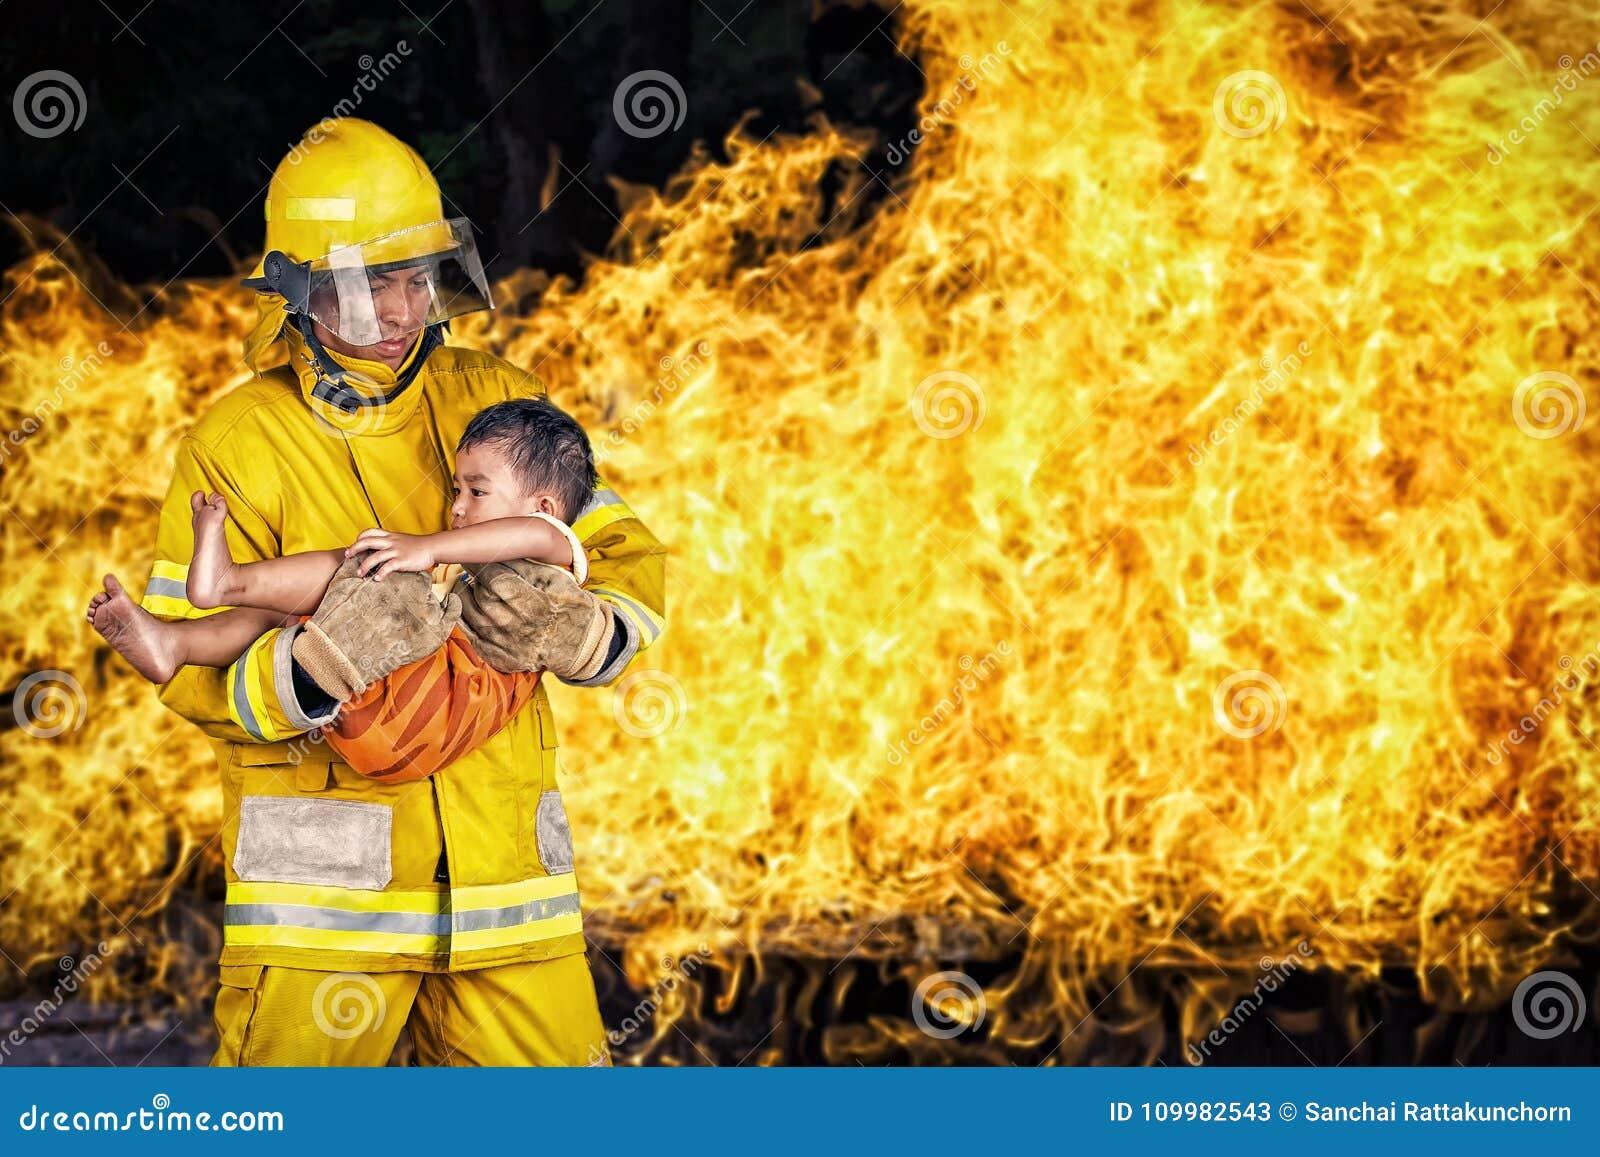 Strażak , ratowniczy palacza save dziecko od pożarniczego incydentu